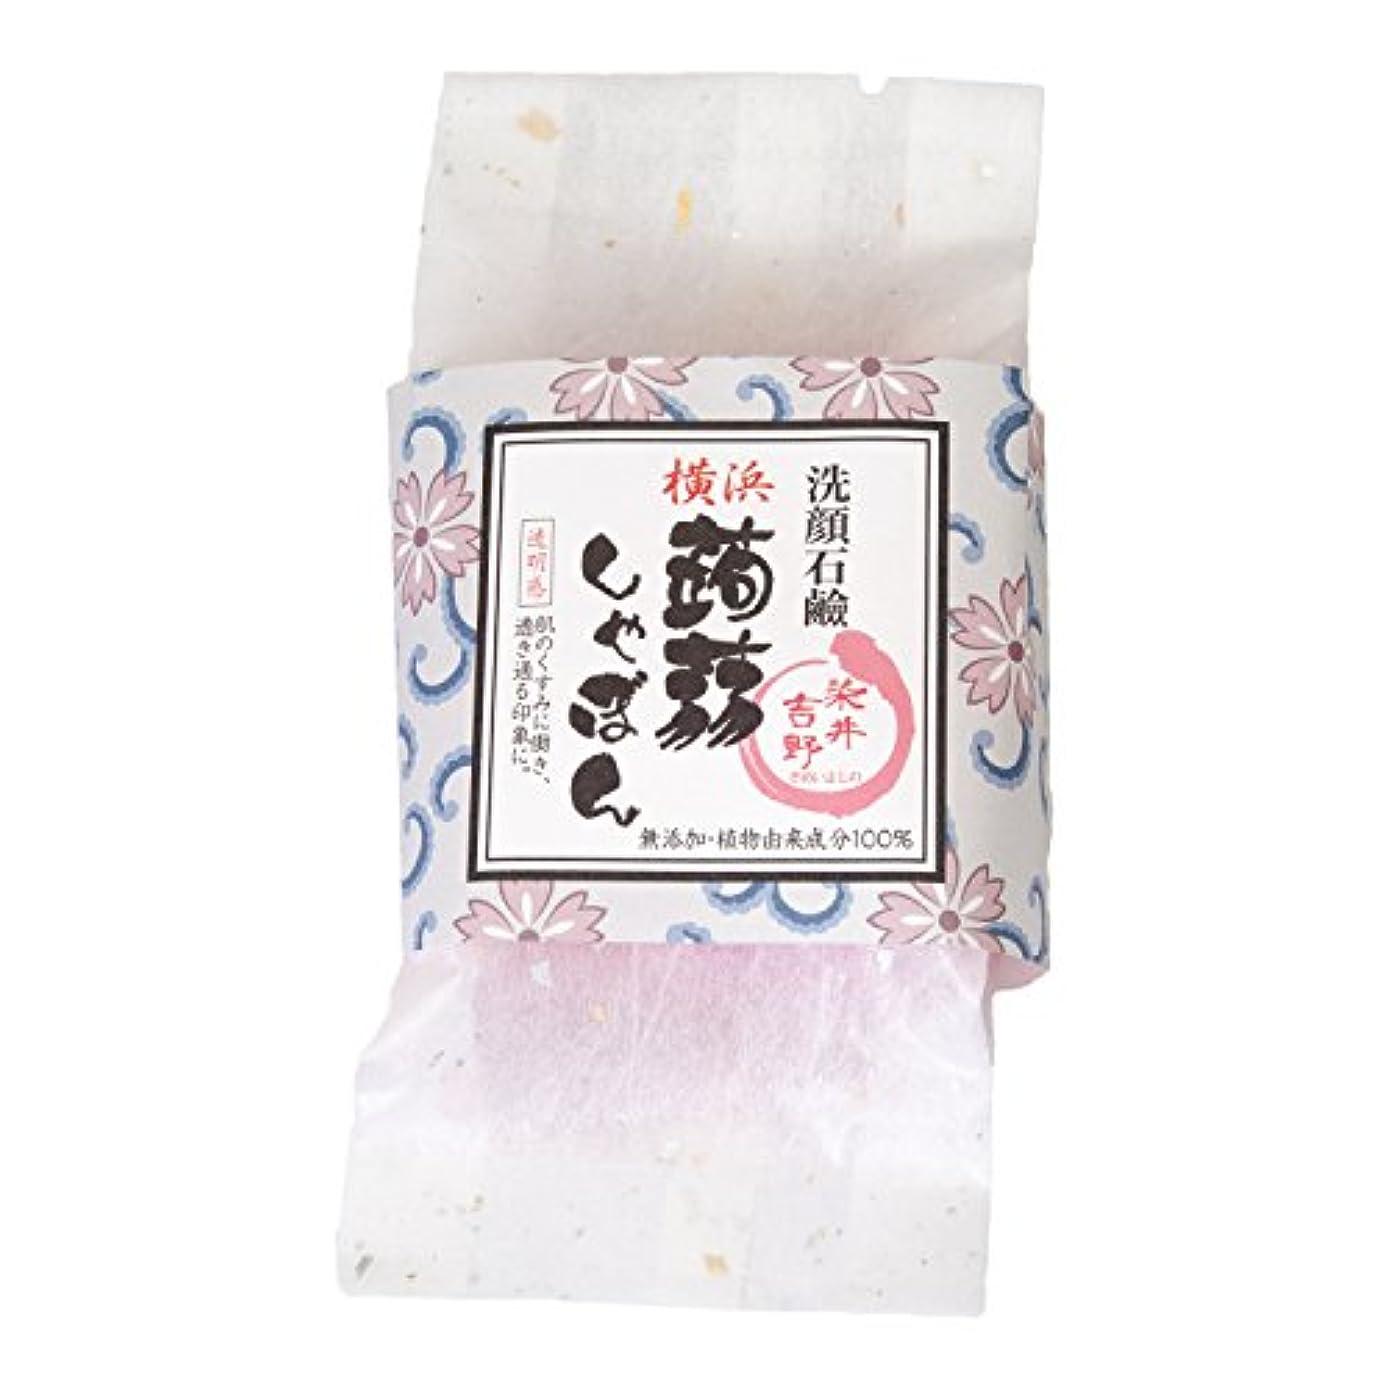 神話炭水化物好きである横浜 蒟蒻しゃぼん ぷるぷる 洗顔石鹸 石鹸 保湿 泡立ちソープ 内容量:100g (染井吉野 そめいよしの)